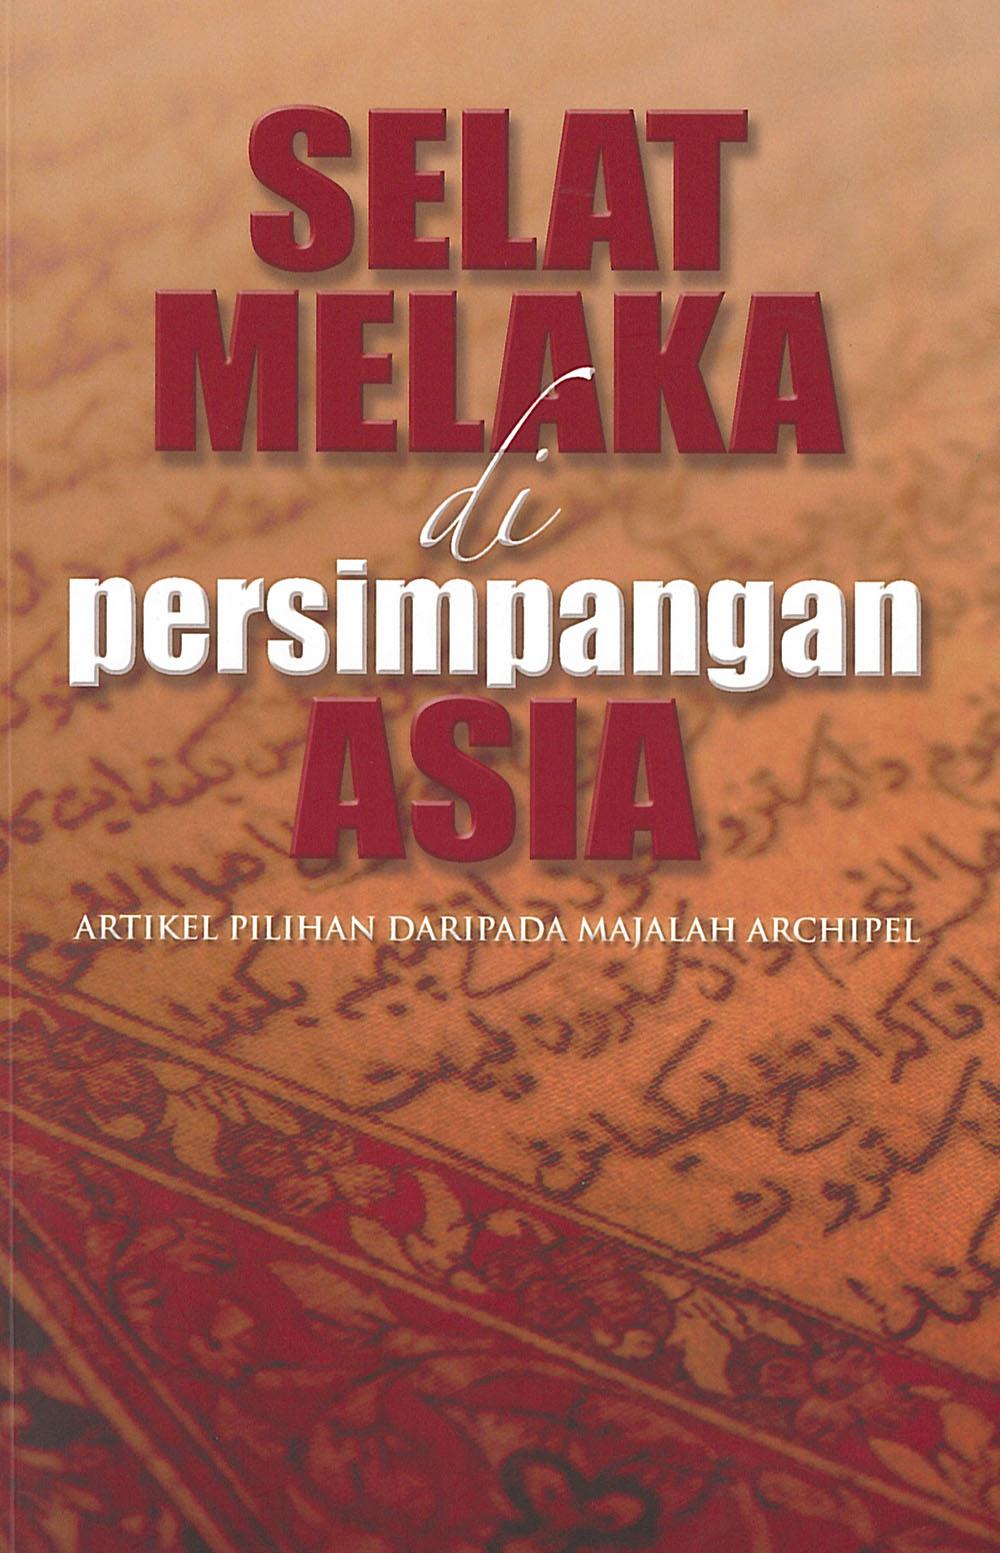 Selat Melaka di Persimpangan Asia : Artikel Pilihan Daripada Majalah Archipel